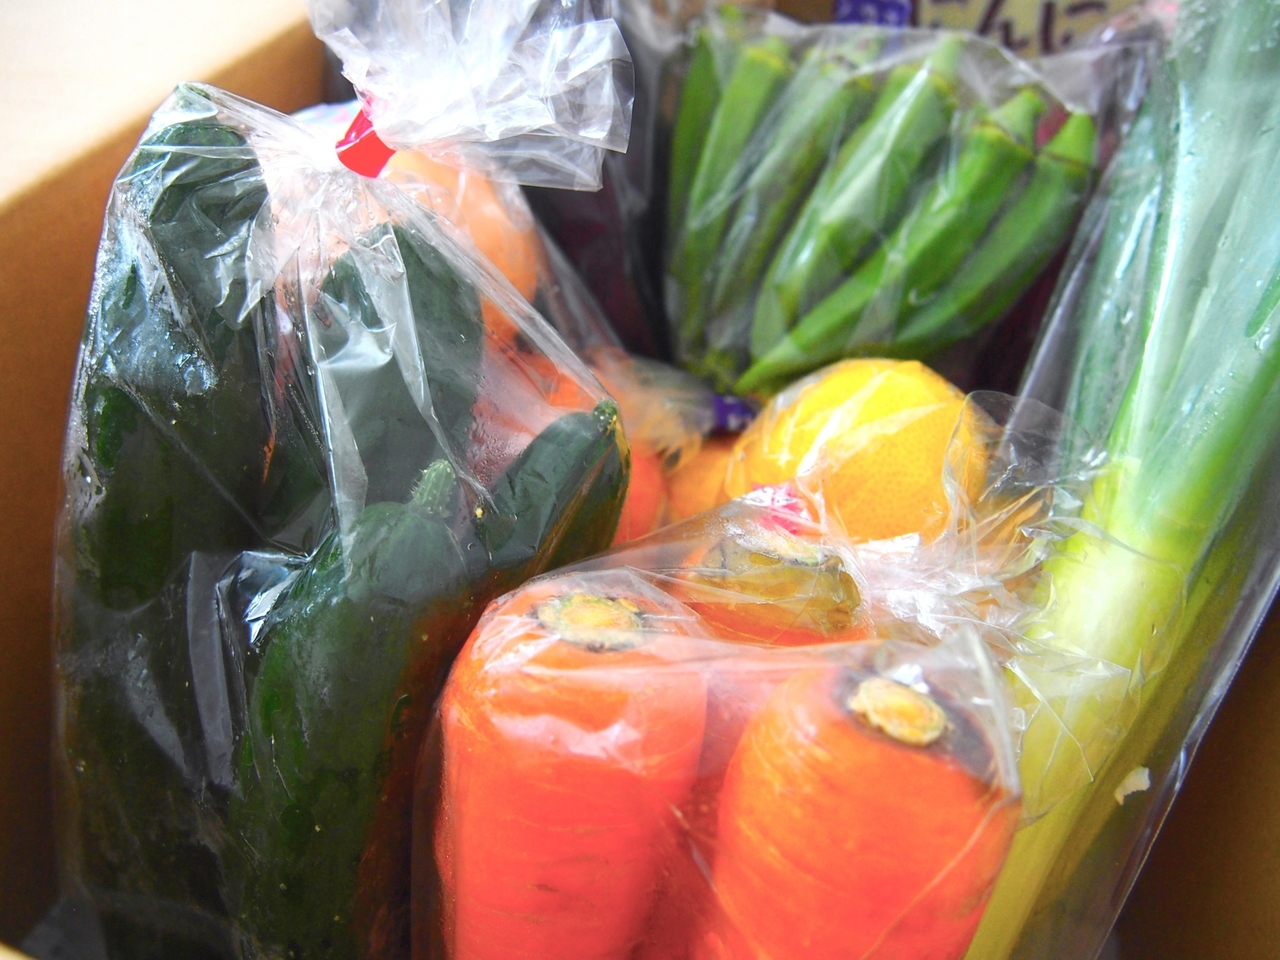 豊洲市場直送!野菜の詰め合わせプレゼント【杉並】2020年1月19日(日)